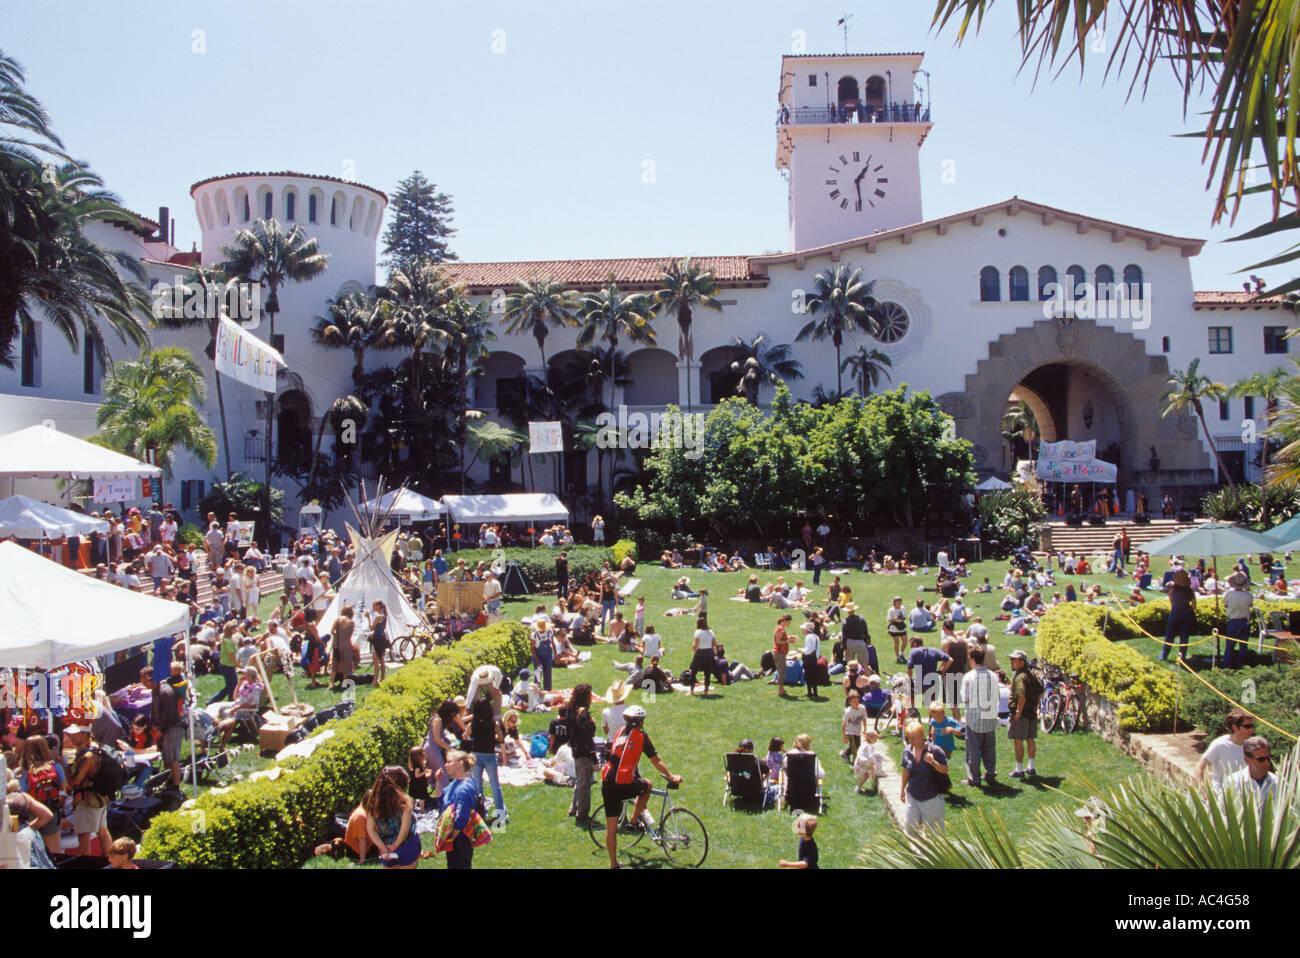 El día de la tierra Festival en el Court House Gardens, el Palacio de Justicia de Santa Bárbara, Santa Bárbara, California Imagen De Stock